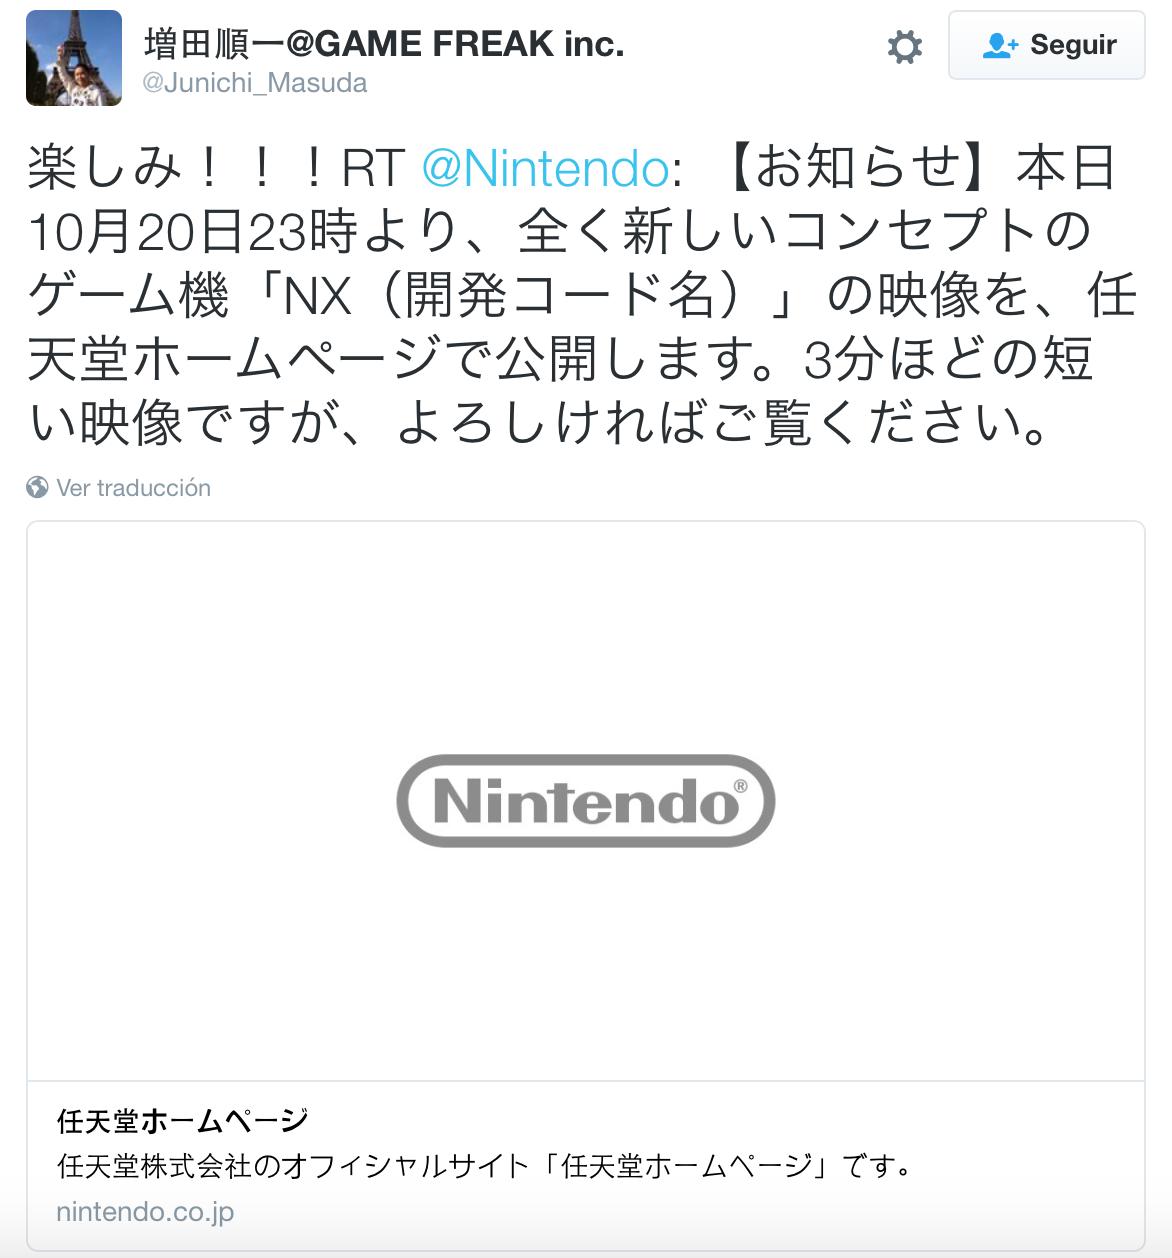 Hoy podría anunciarse un nuevo Pokémon para NX